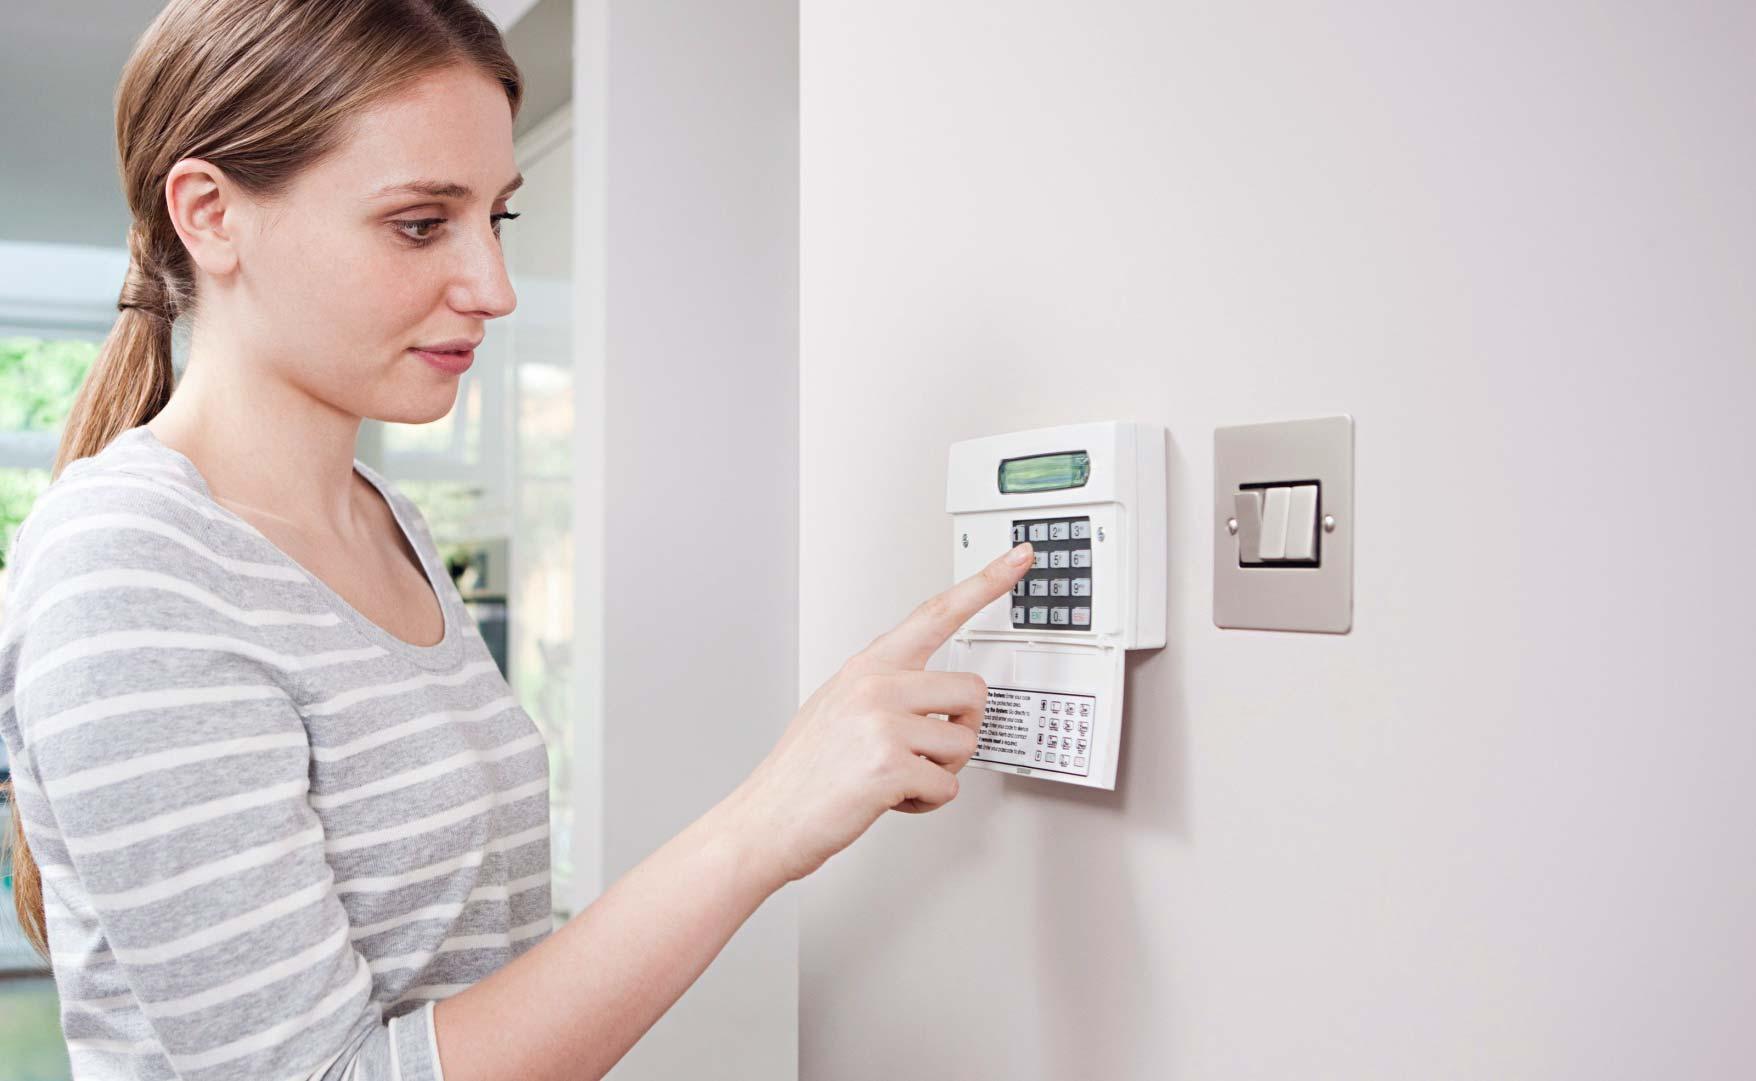 συστήματα ασφάλεια, έξυπνο σπίτι